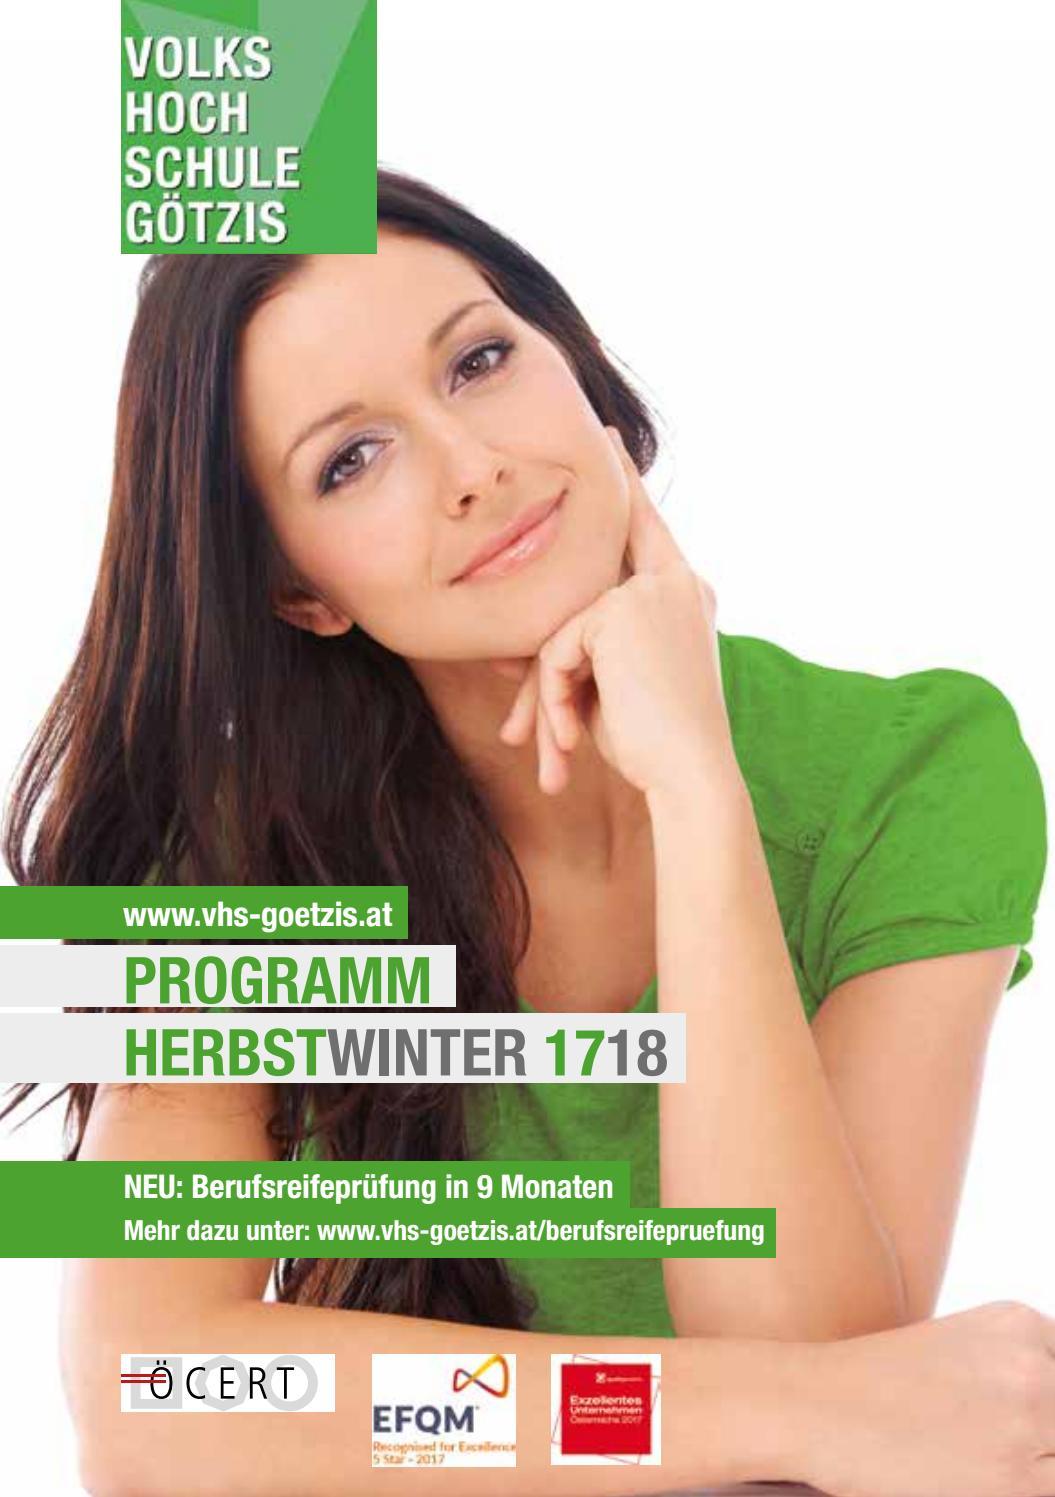 Partnerschaften & Kontakte in Gtzis - kostenlose